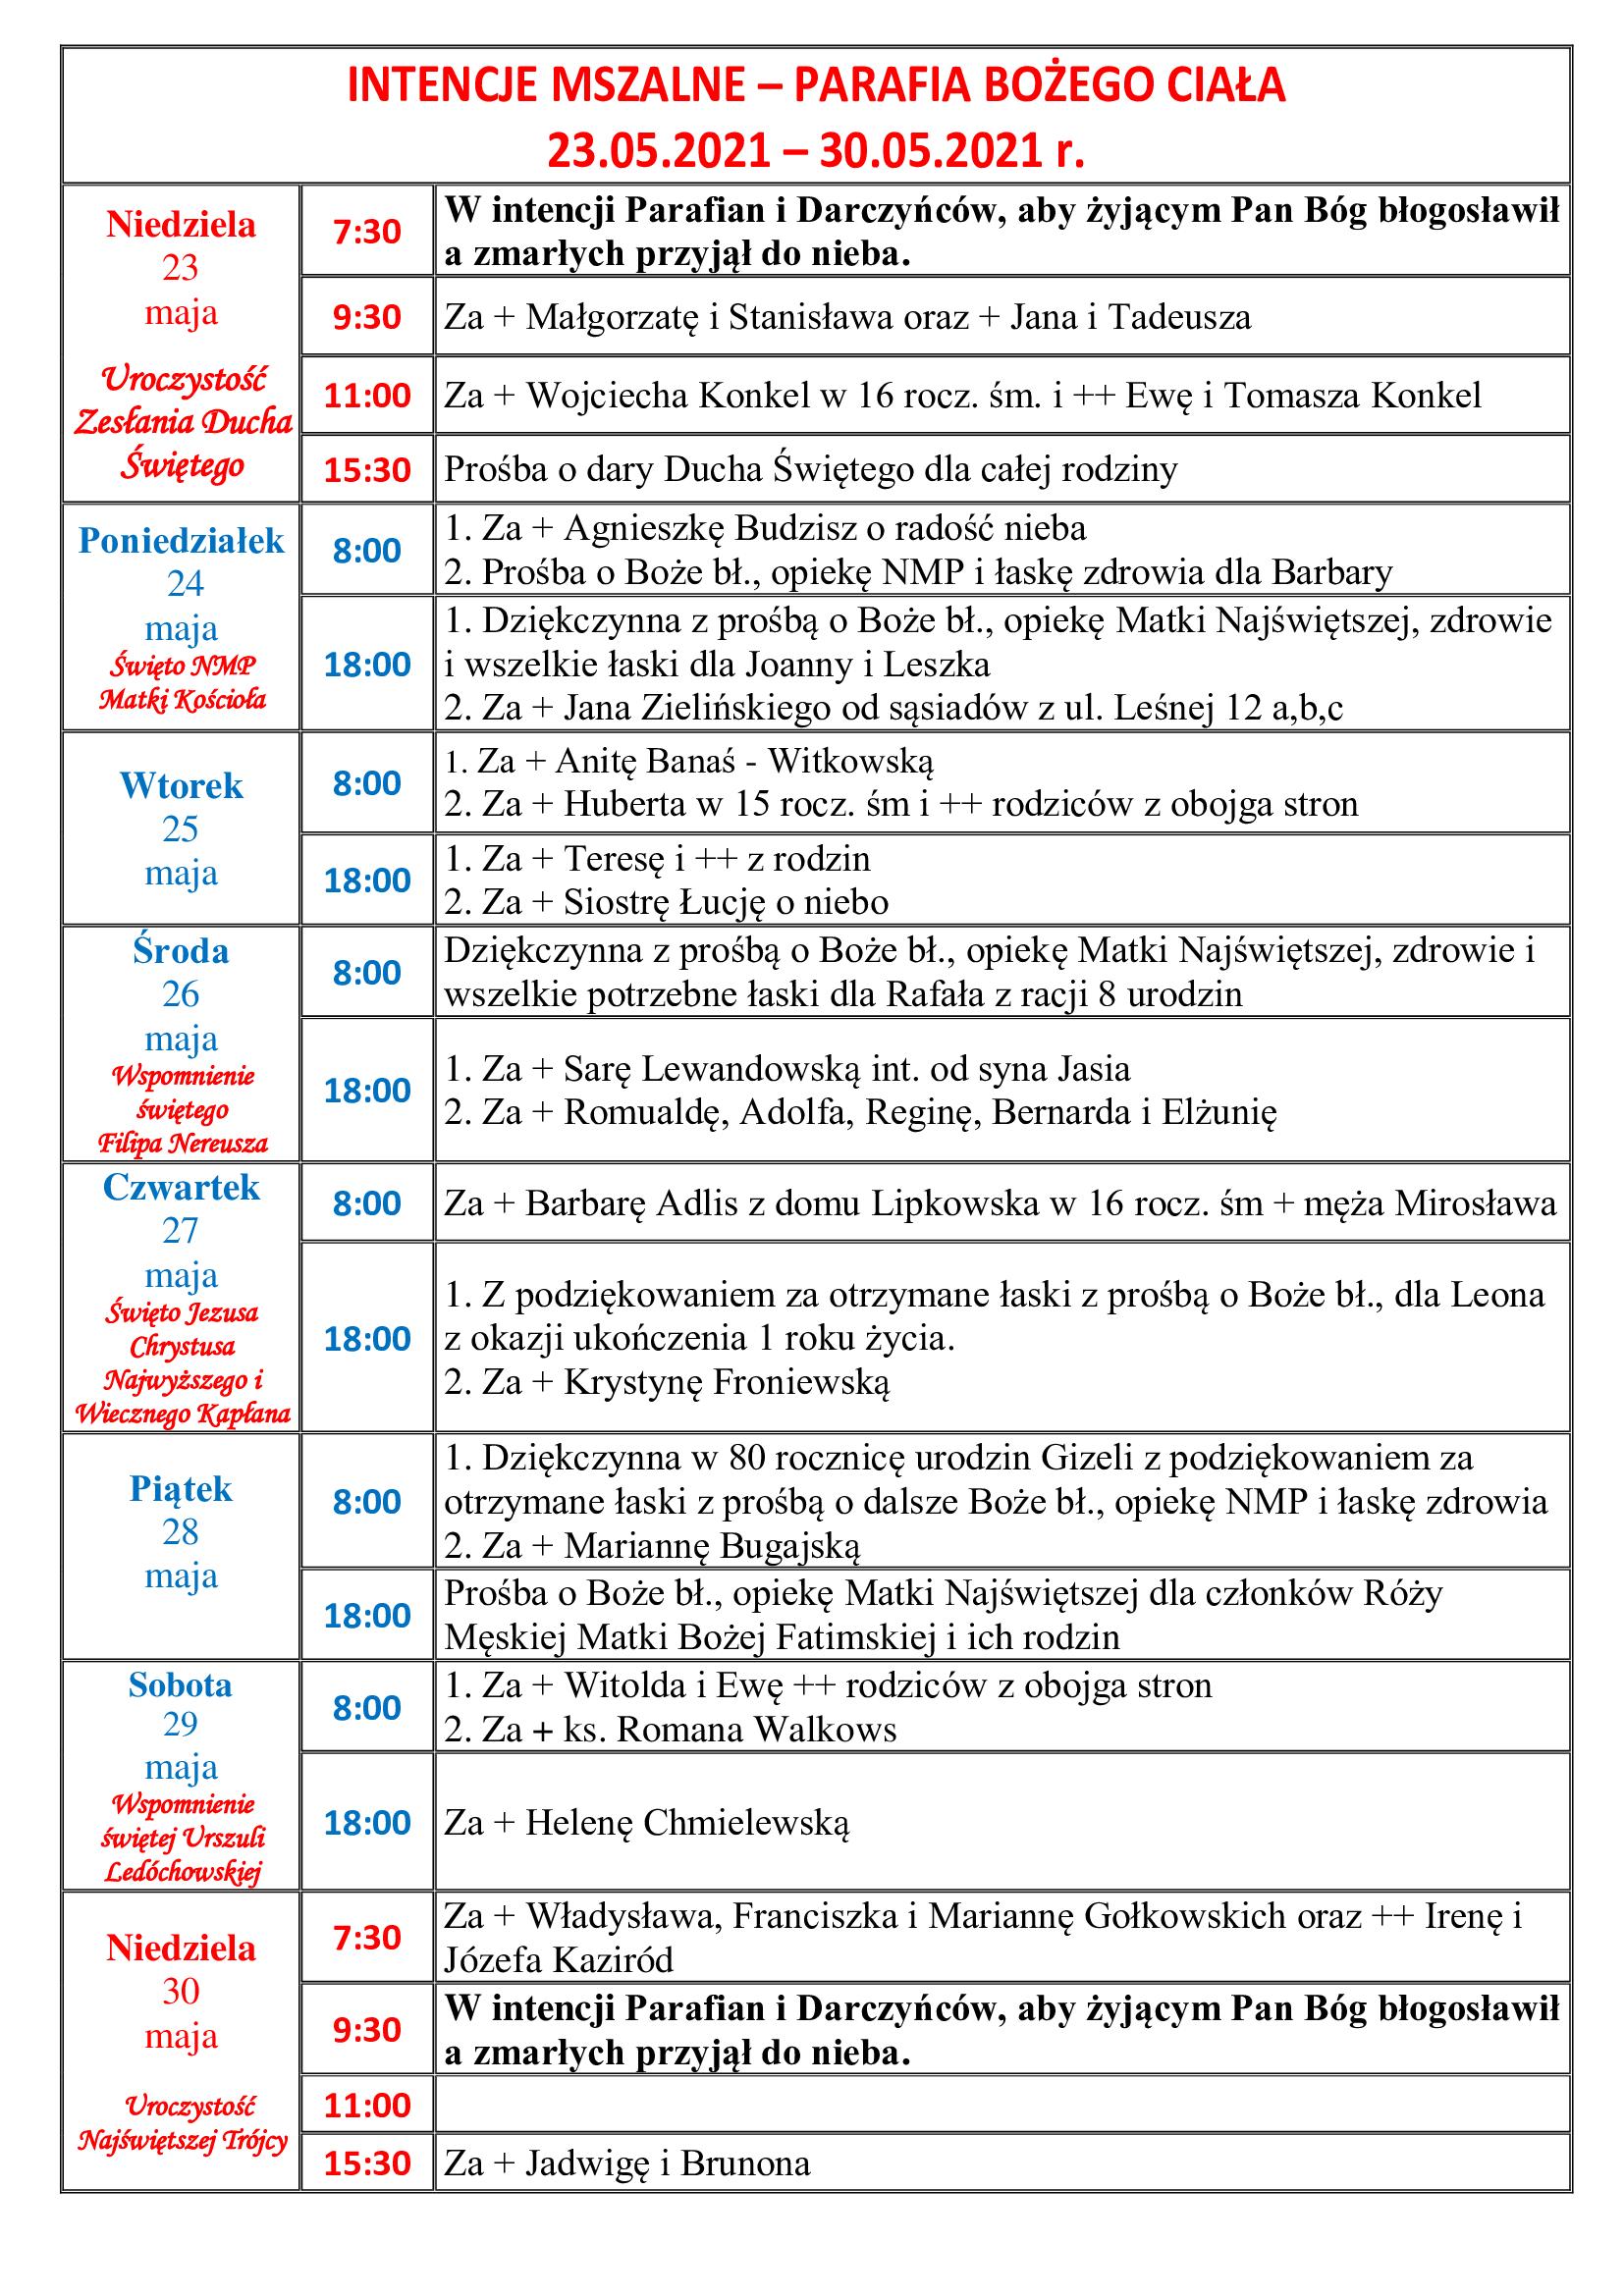 intencje-mszalne-uroczystosc-ducha-swietego-23-05-2021-30-05-2021-r